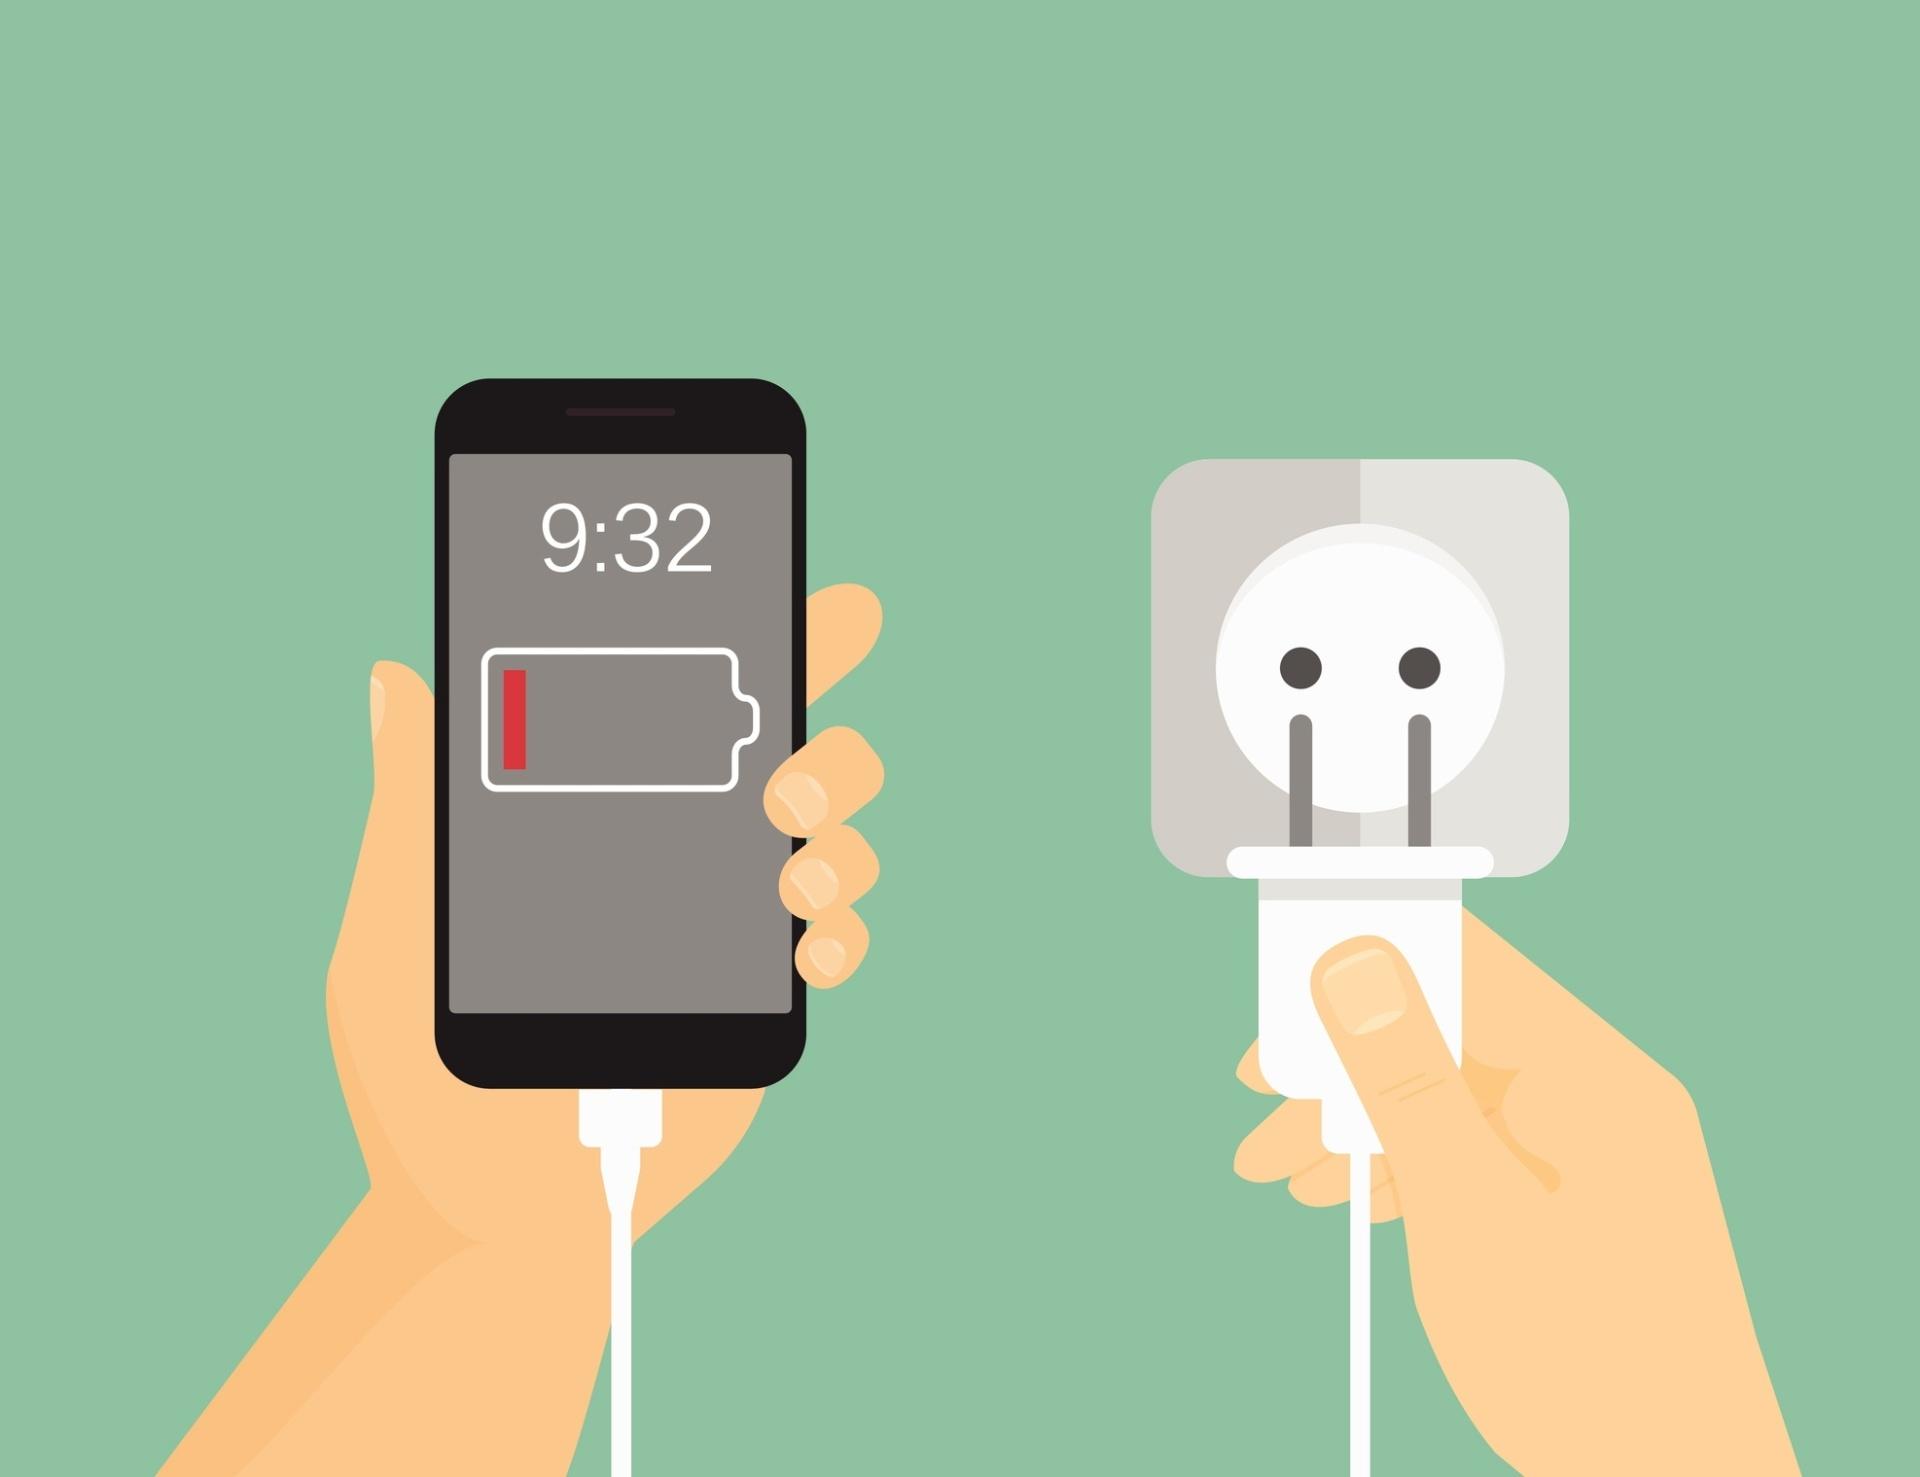 8ea0be0a1 Quer um celular barato e com boa bateria  Veja opções - 21 11 2017 - UOL  Tecnologia